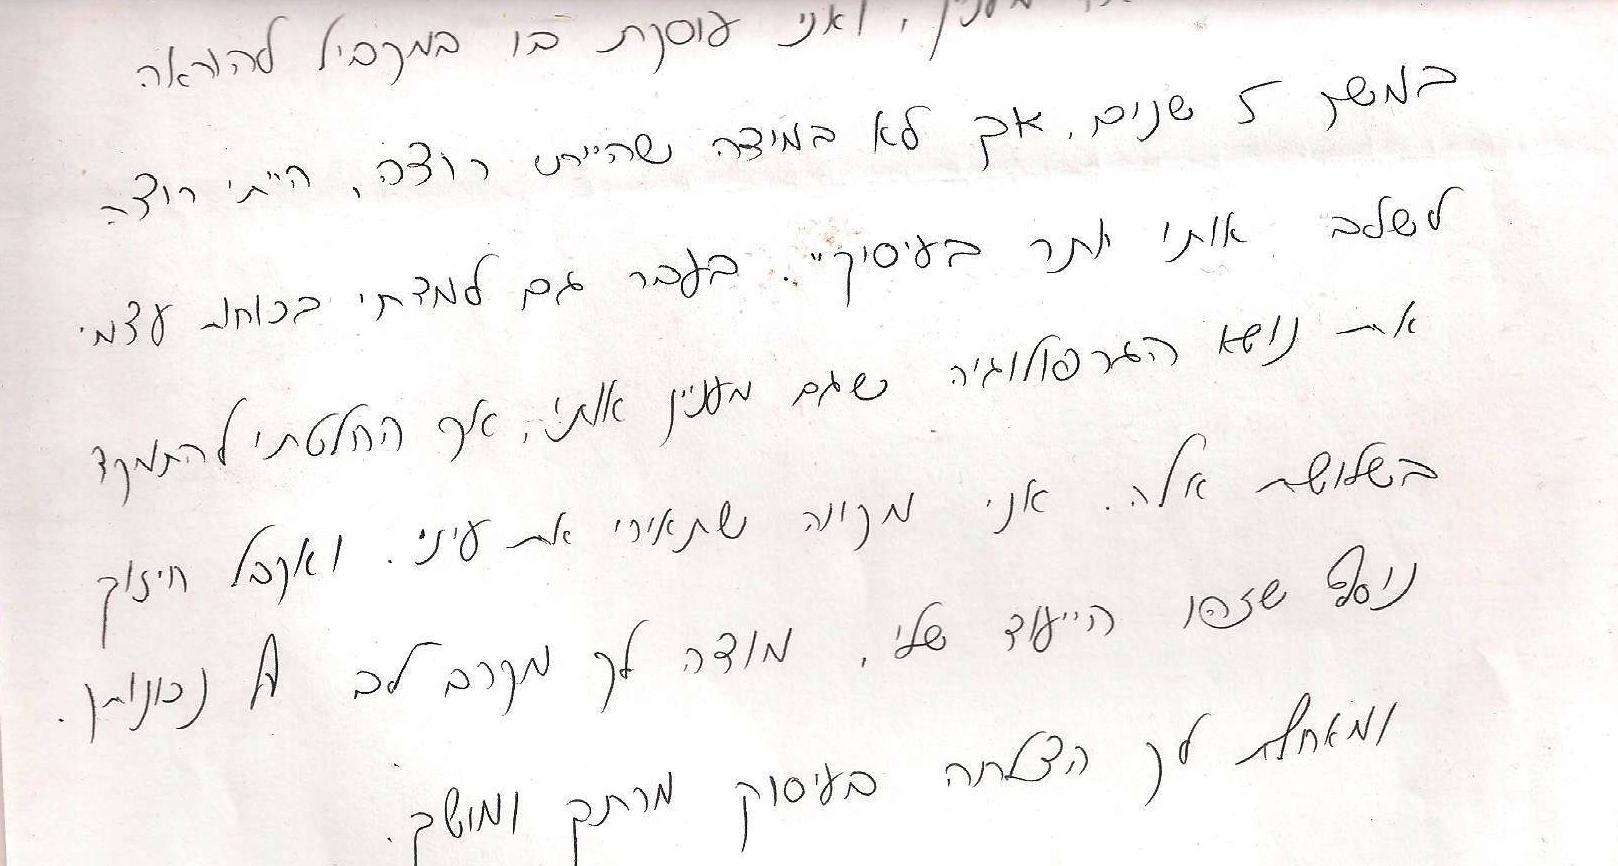 כתב יד של טיפוס מוחצן